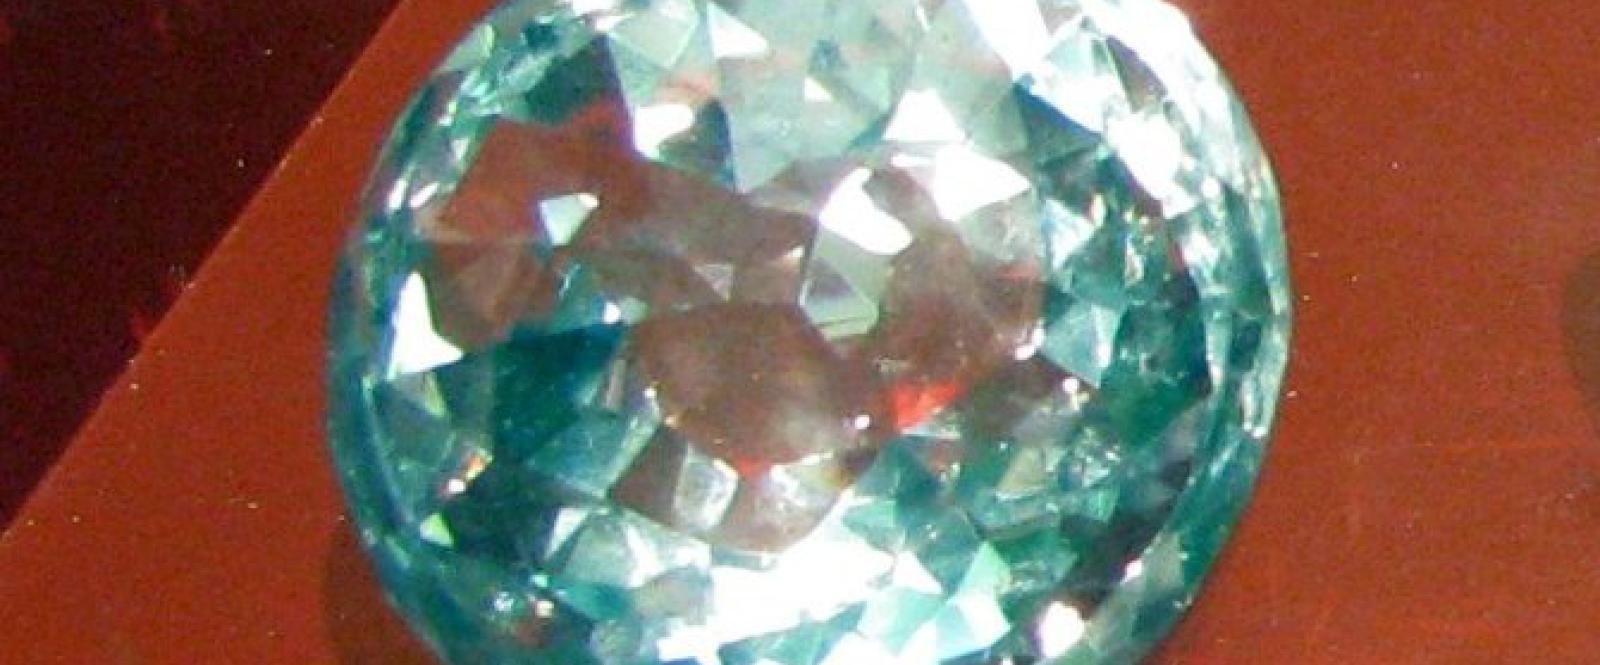 Diamanti Idb, per il curatorecreditori rimborsati al 15%